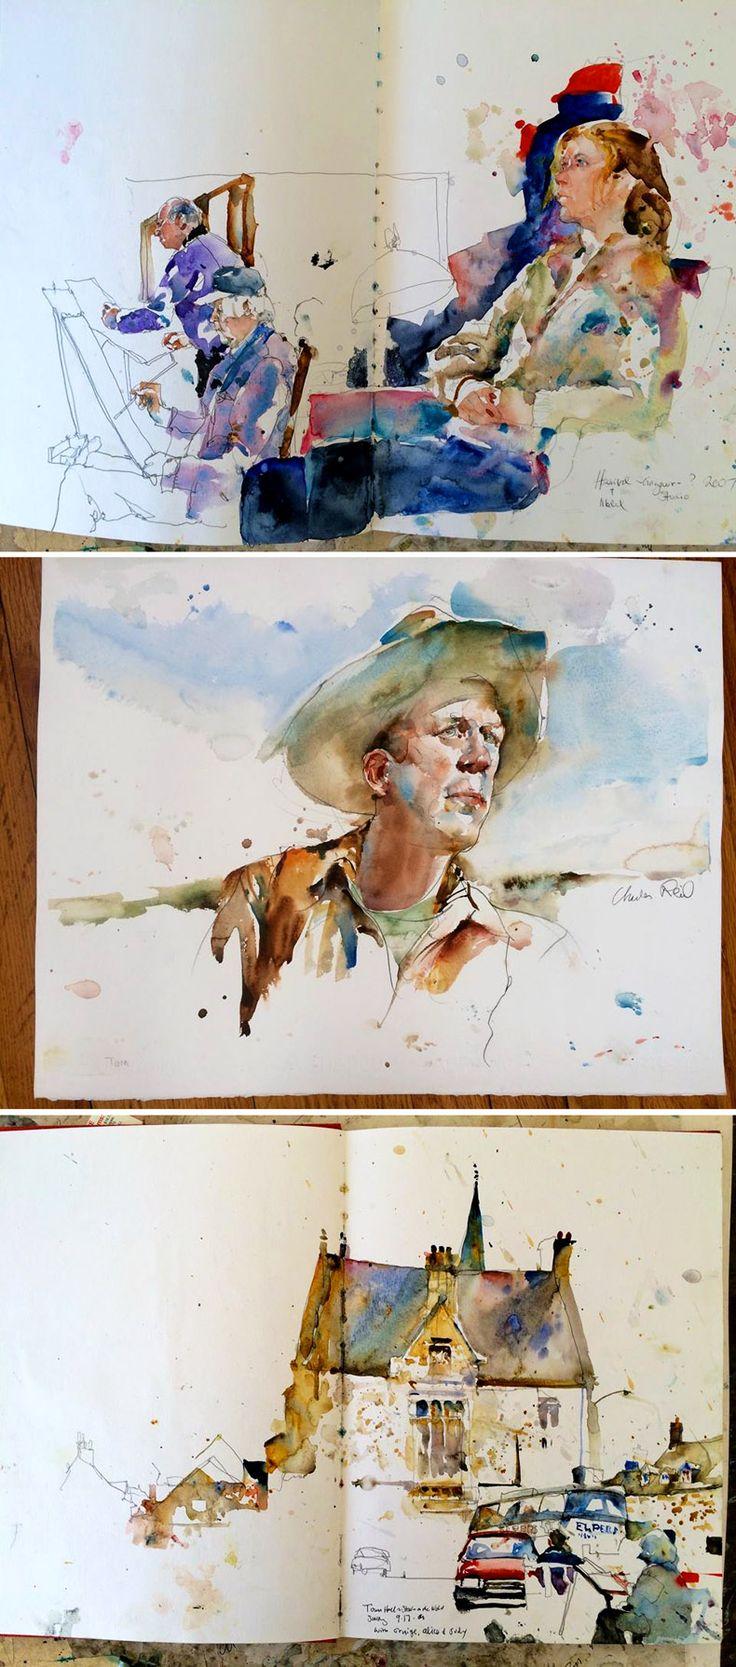 Charles Reid #watercolor #sketch #journal